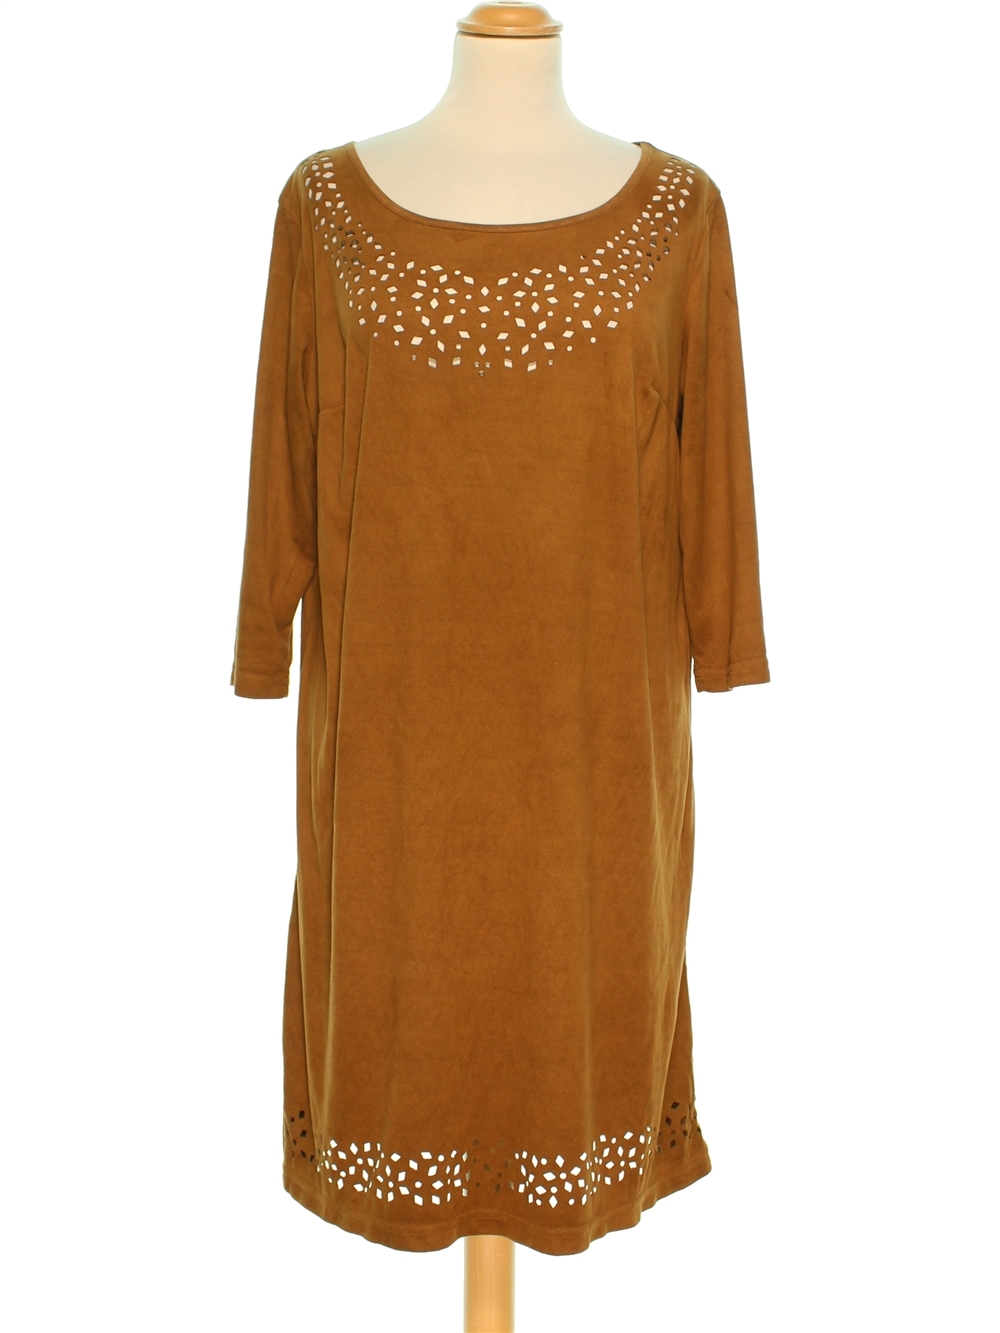 à bas prix 7c845 386cd Robe Femme BLANCHEPORTE 44 (L - T3) pas cher, 4.00 € - #1166499